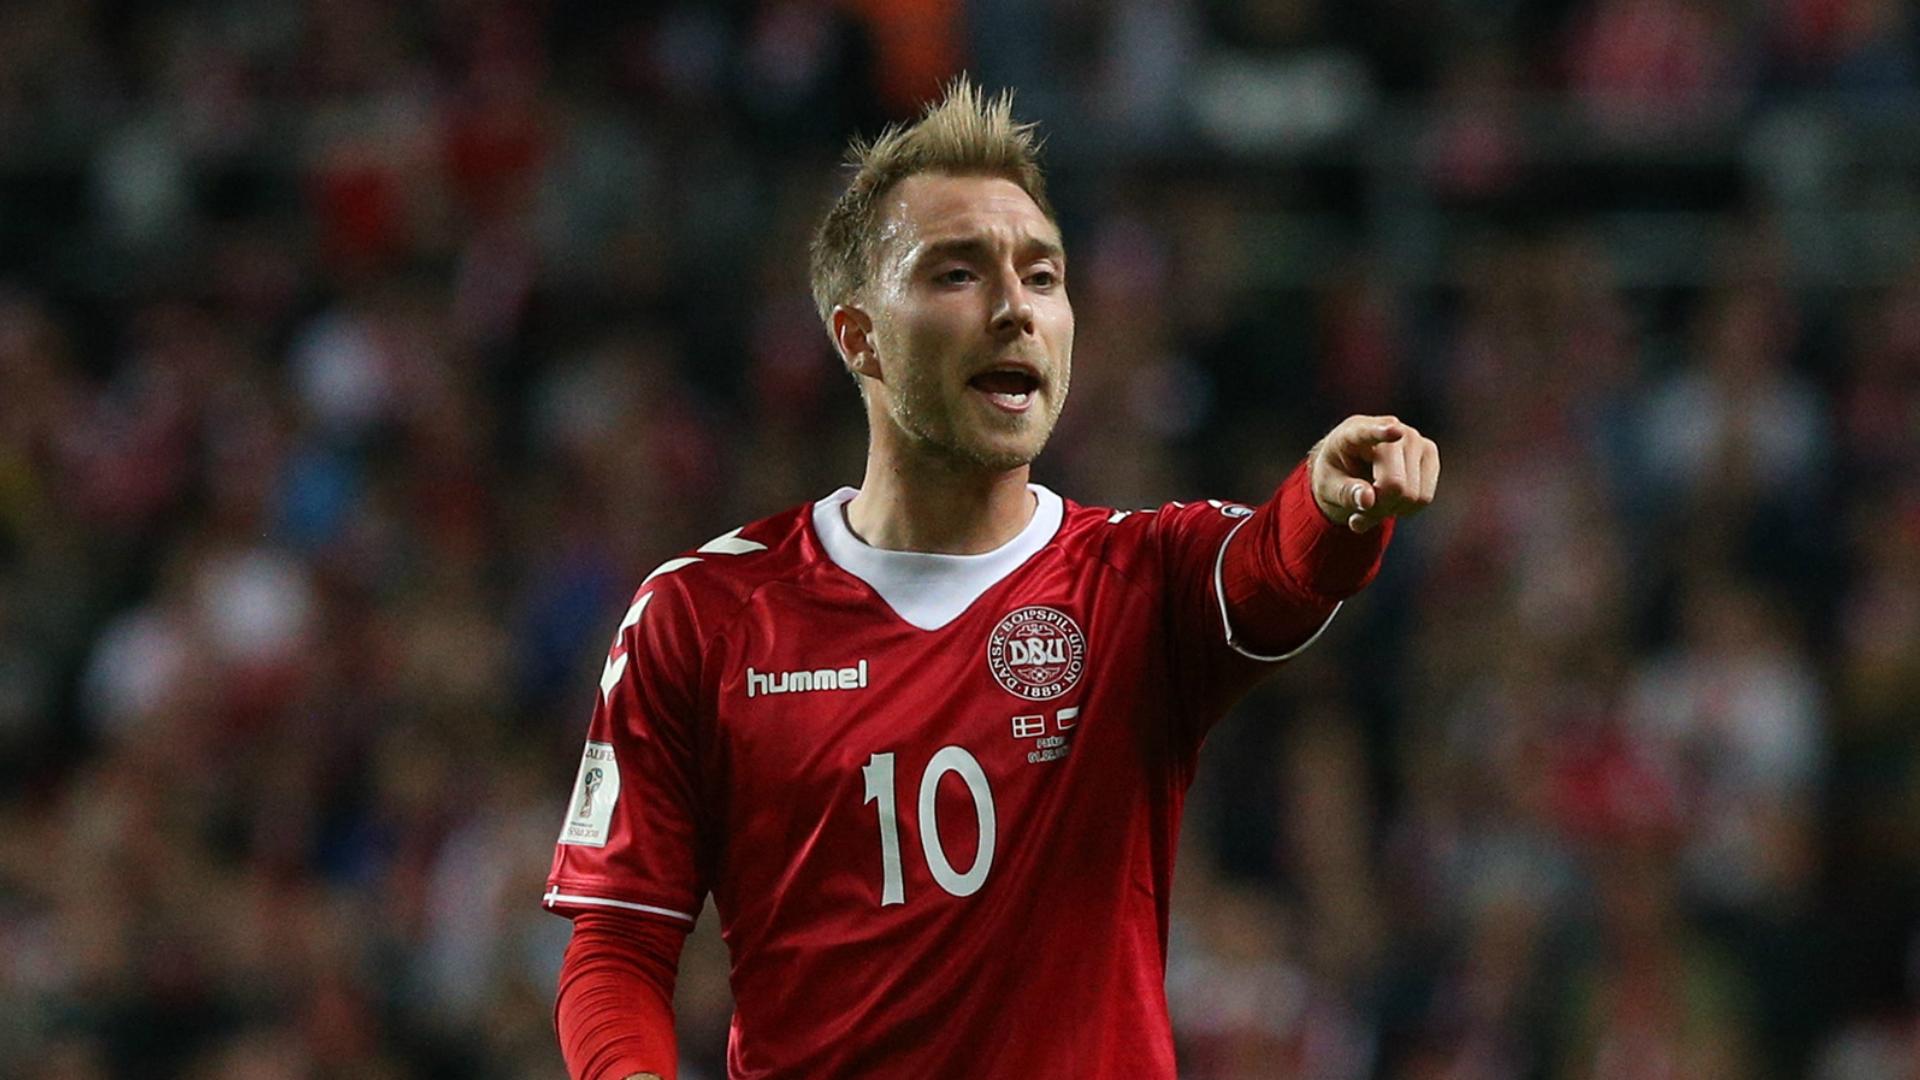 Danemark - Christian Eriksen, l'émancipation taille patron | Goal.com